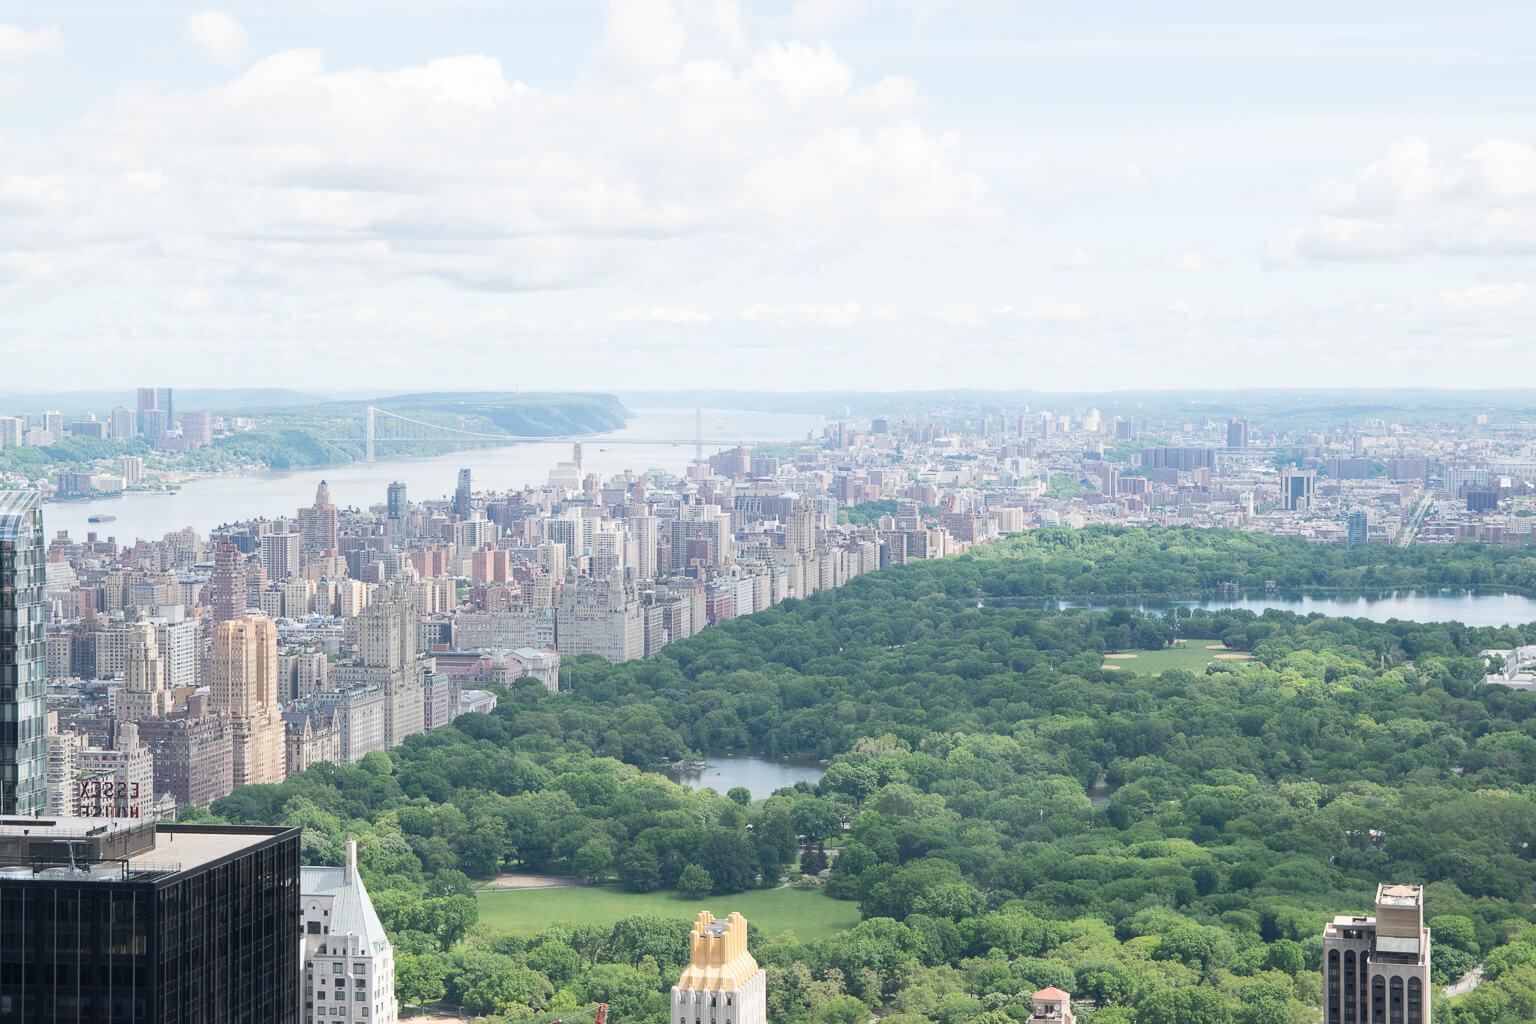 Central Park, Blick vom Rockefeller Center/Top of the Rocks